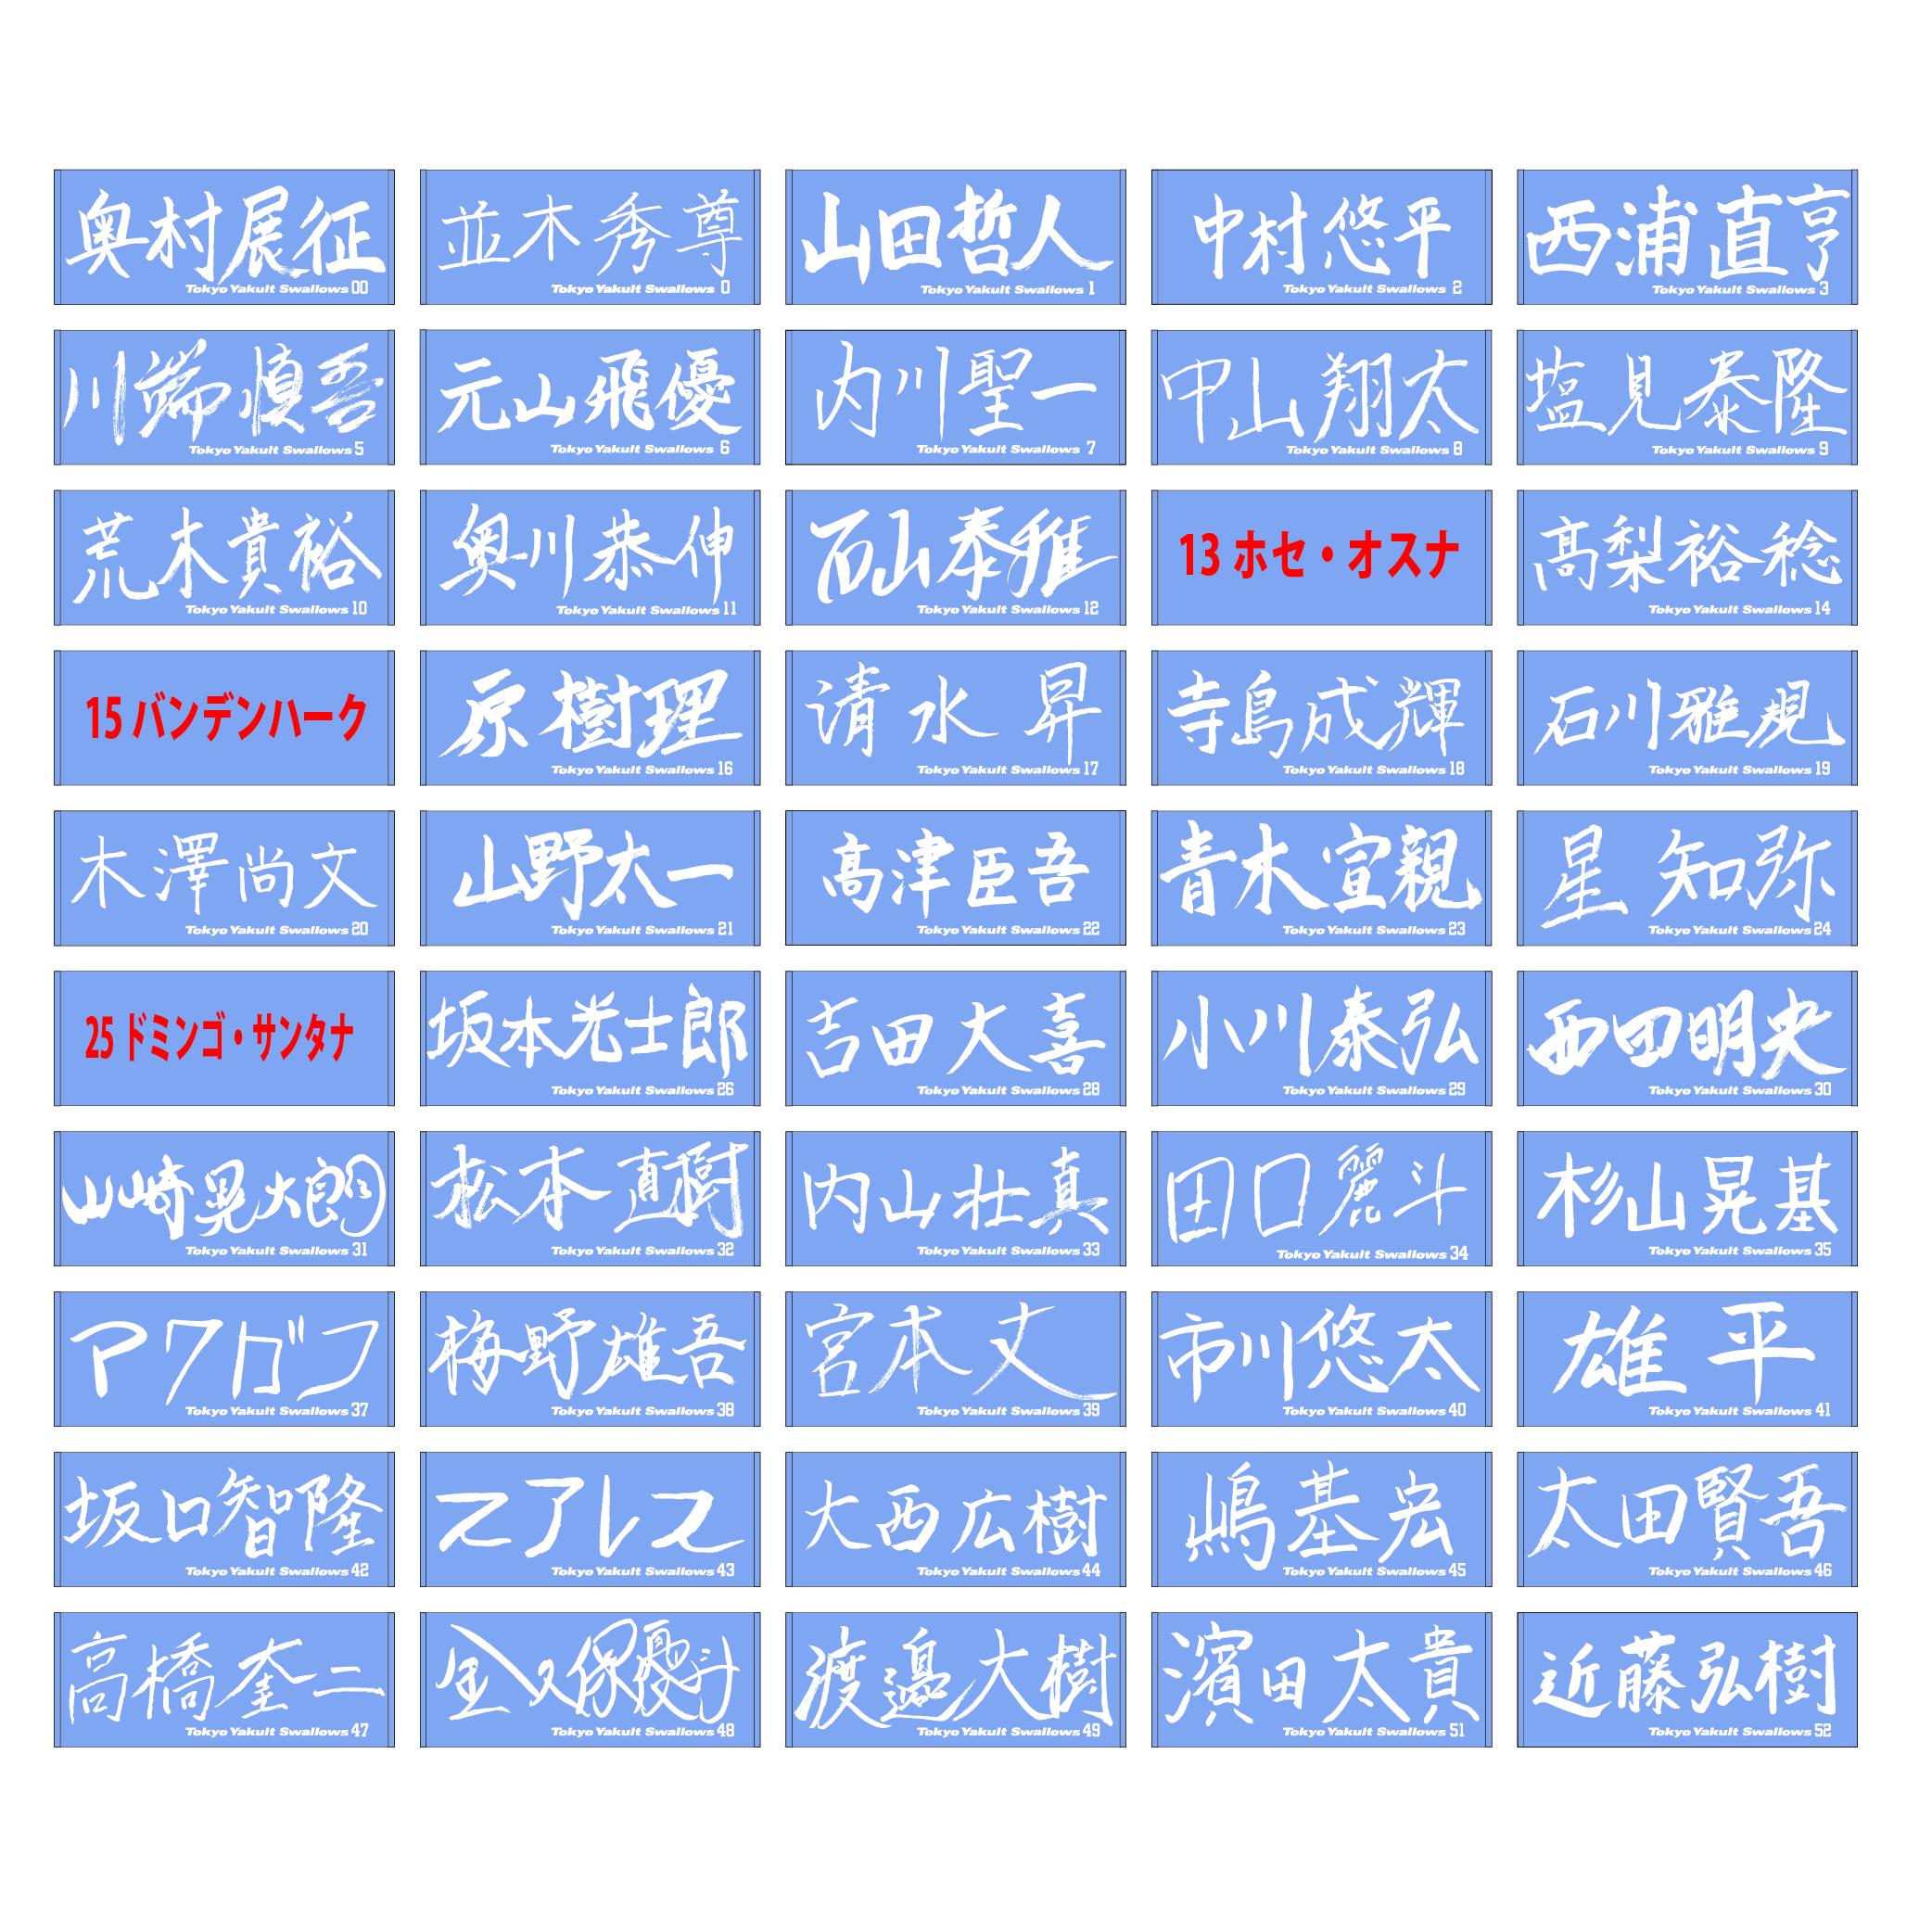 【イケメン総選挙投票権付全選手対応】特別直筆バスタオル(ライトブルー)